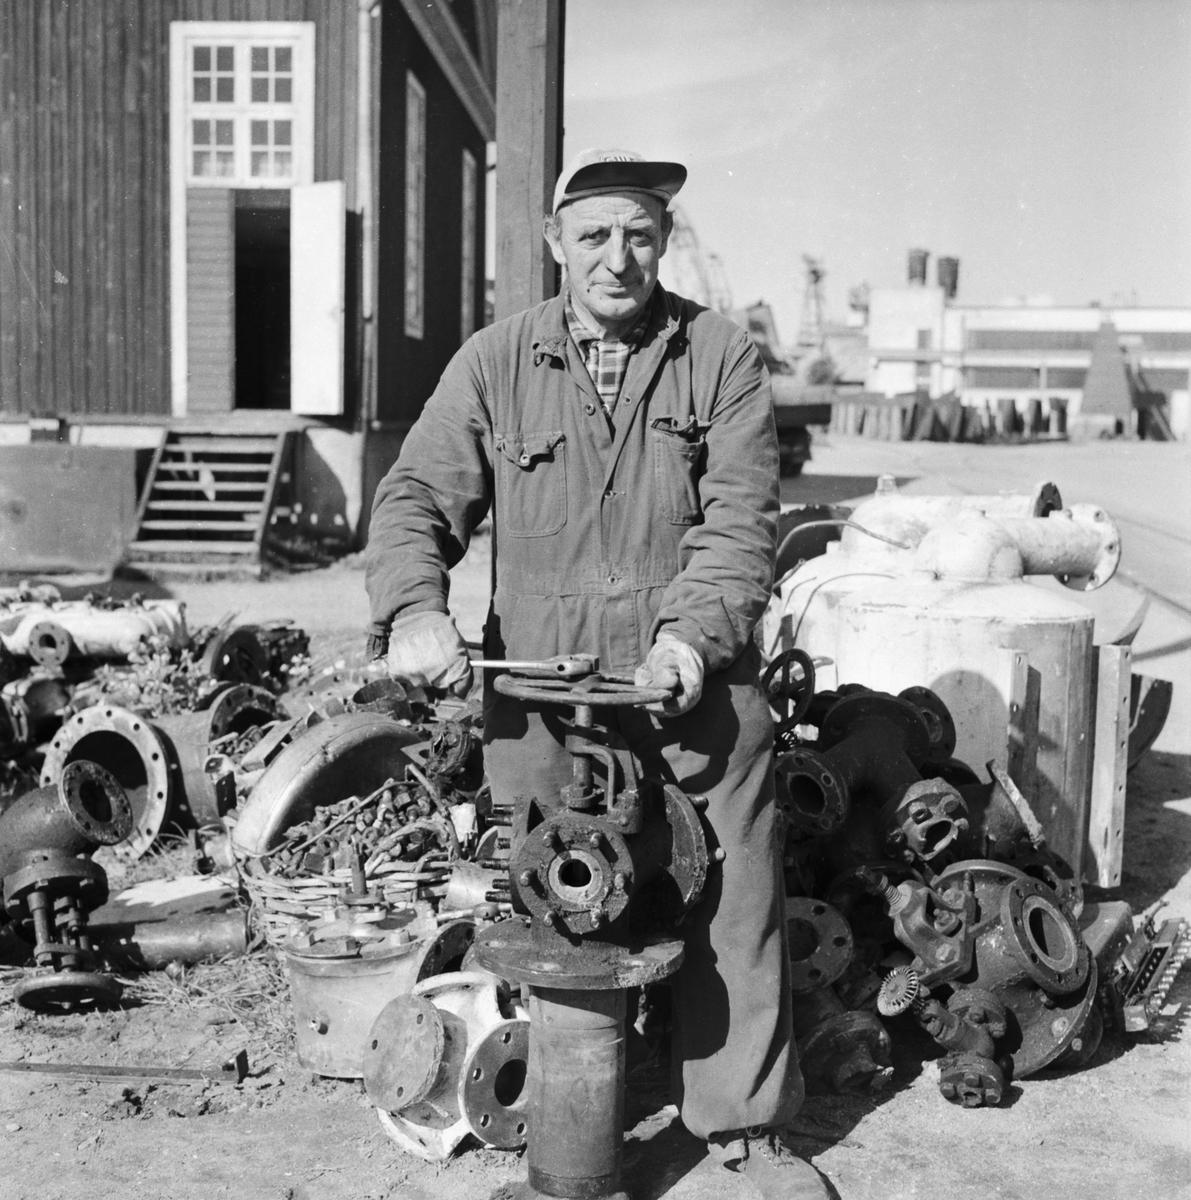 """Övrigt: Foto datum: 16/8 1956 Byggnader och kranar """"Varvet runt"""" pensionär. Närmast identisk bild: V9124, ej skannad"""